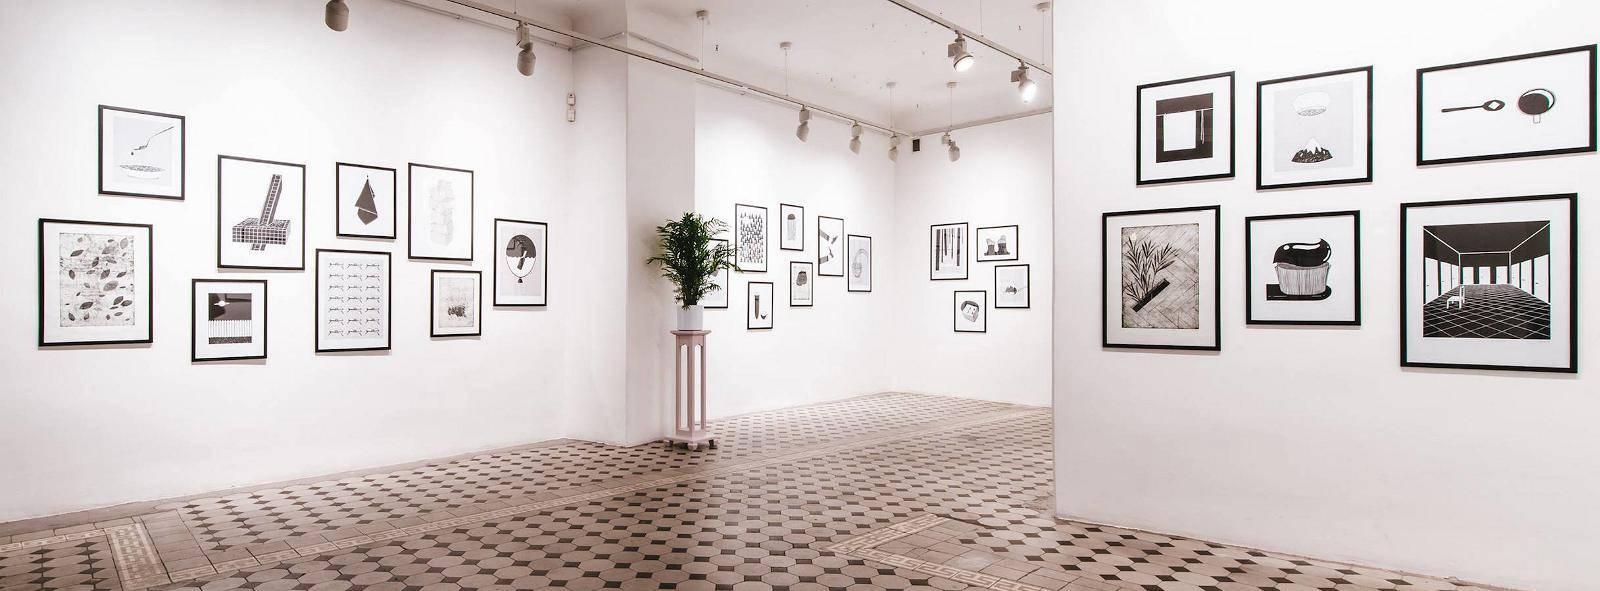 Draakoni galleria Tallinnassa